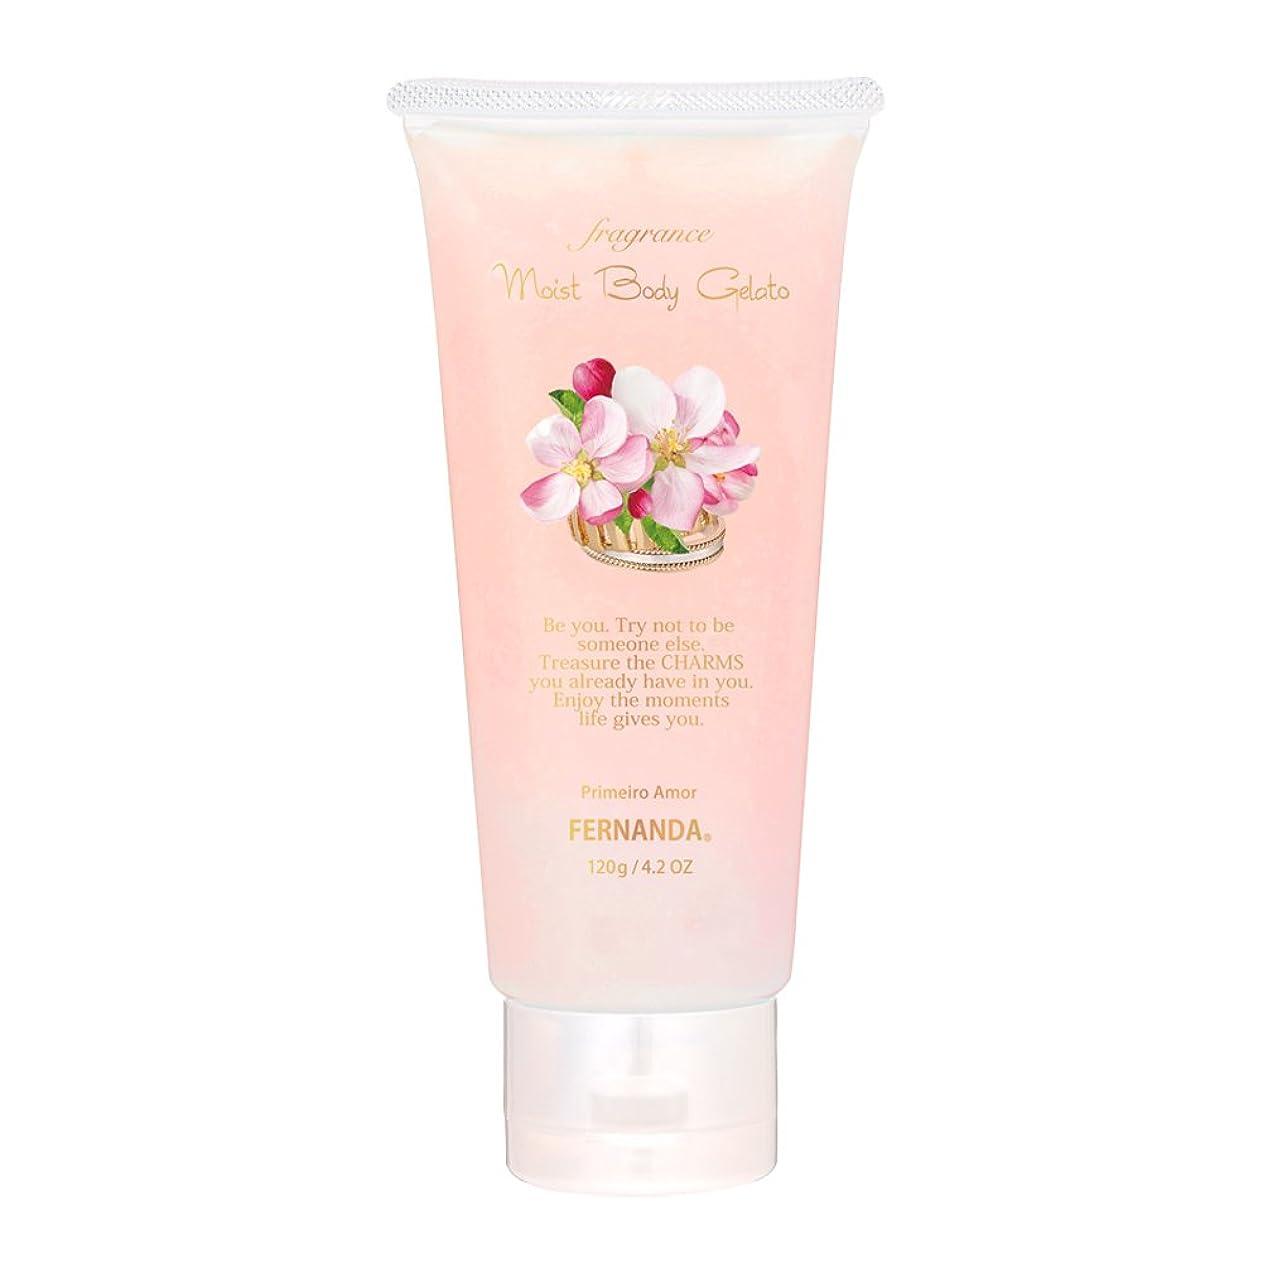 直面する制限された苦いFERNANDA(フェルナンダ) Fragrance Moist Body Gelato Primeiro Amor (モイストボディジェラート プリメイロアモール)